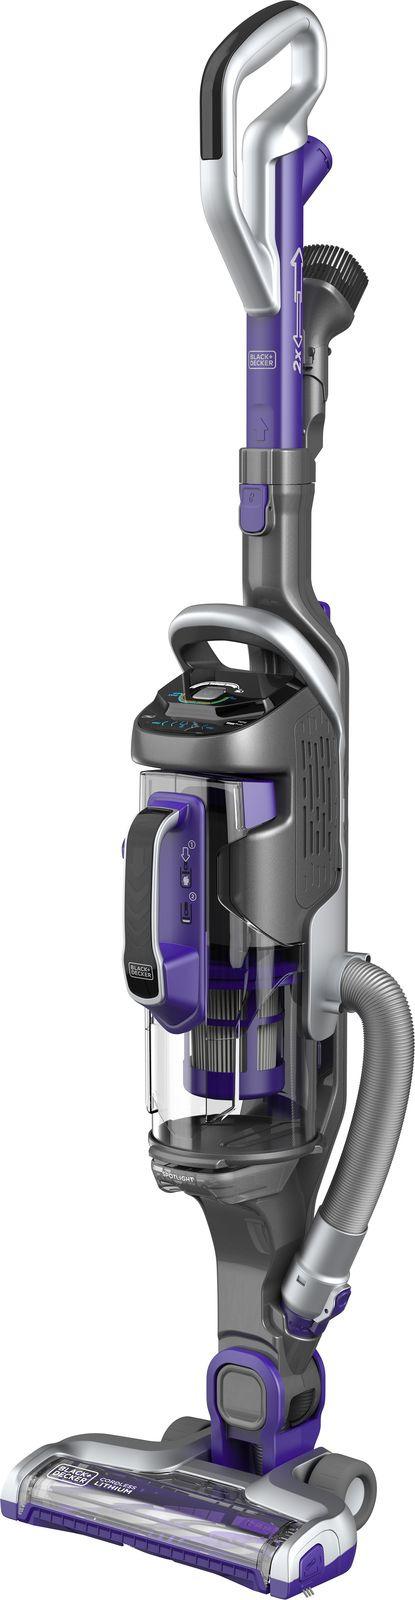 Вертикальный пылесос Black & Decker Multipower 2 в 1, фиолетовый